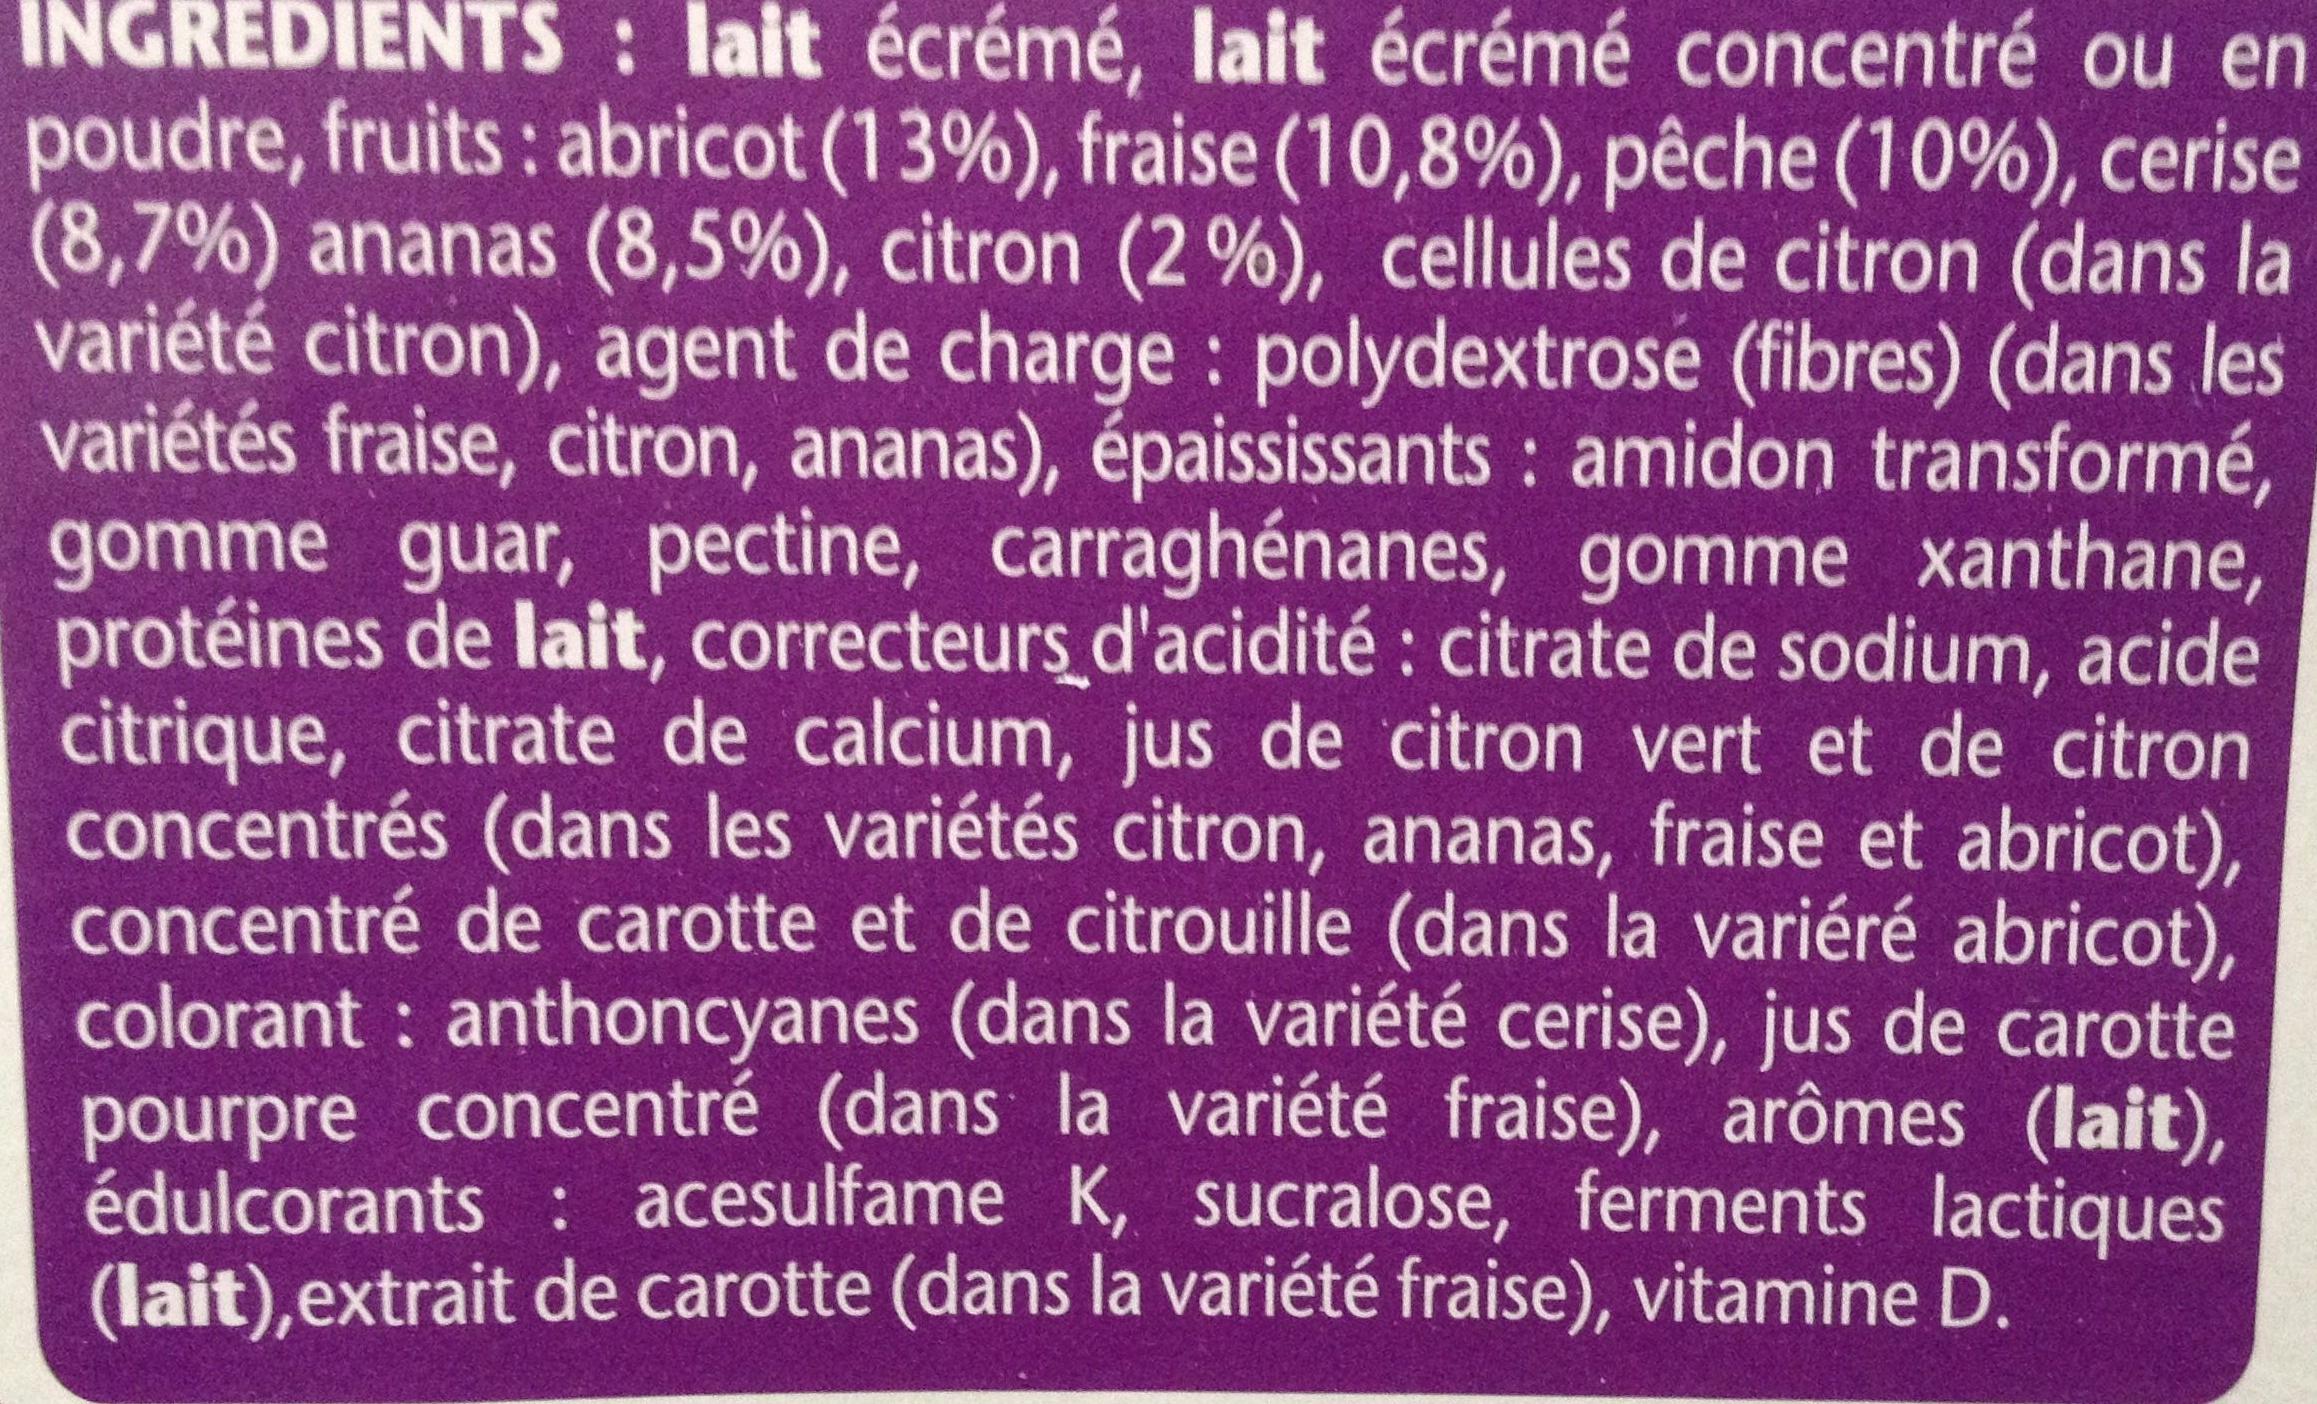 Taillefine, Yaourt au Fruits (0 % MG, 0 % Sucres Ajoutés) - (Abricot, Fraise, Citron, Cerise, Ananas, Pêche) 12 Pots + 4 Gratuits - Ingrédients